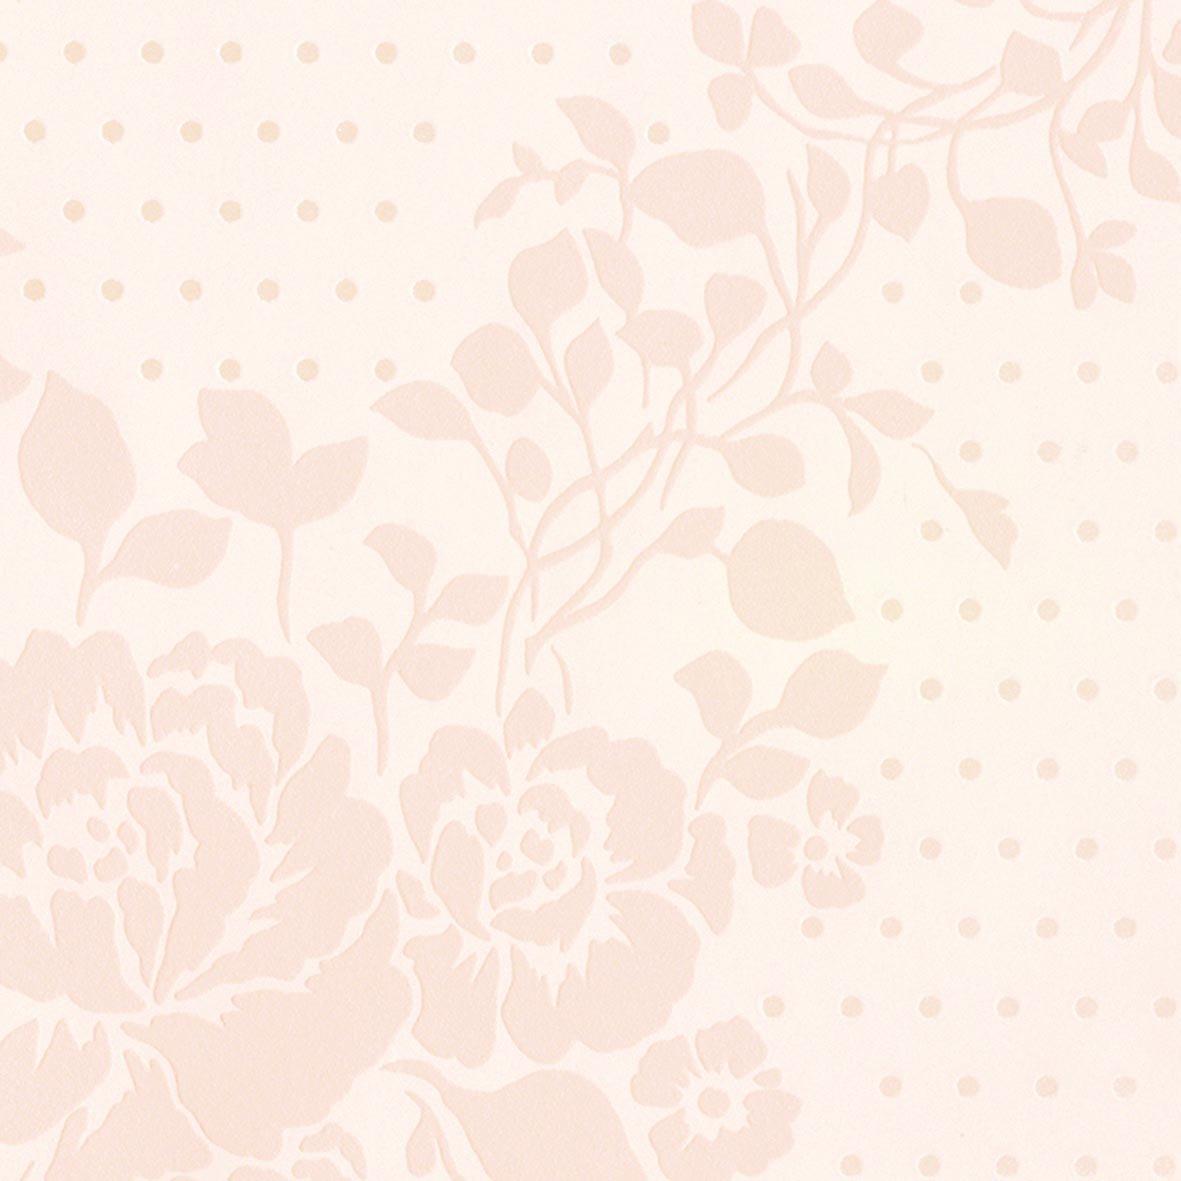 リリカラ 壁紙22m フェミニン ダマスク グリーン Elegance LW-2804 B076143QB3 22m|グリーン